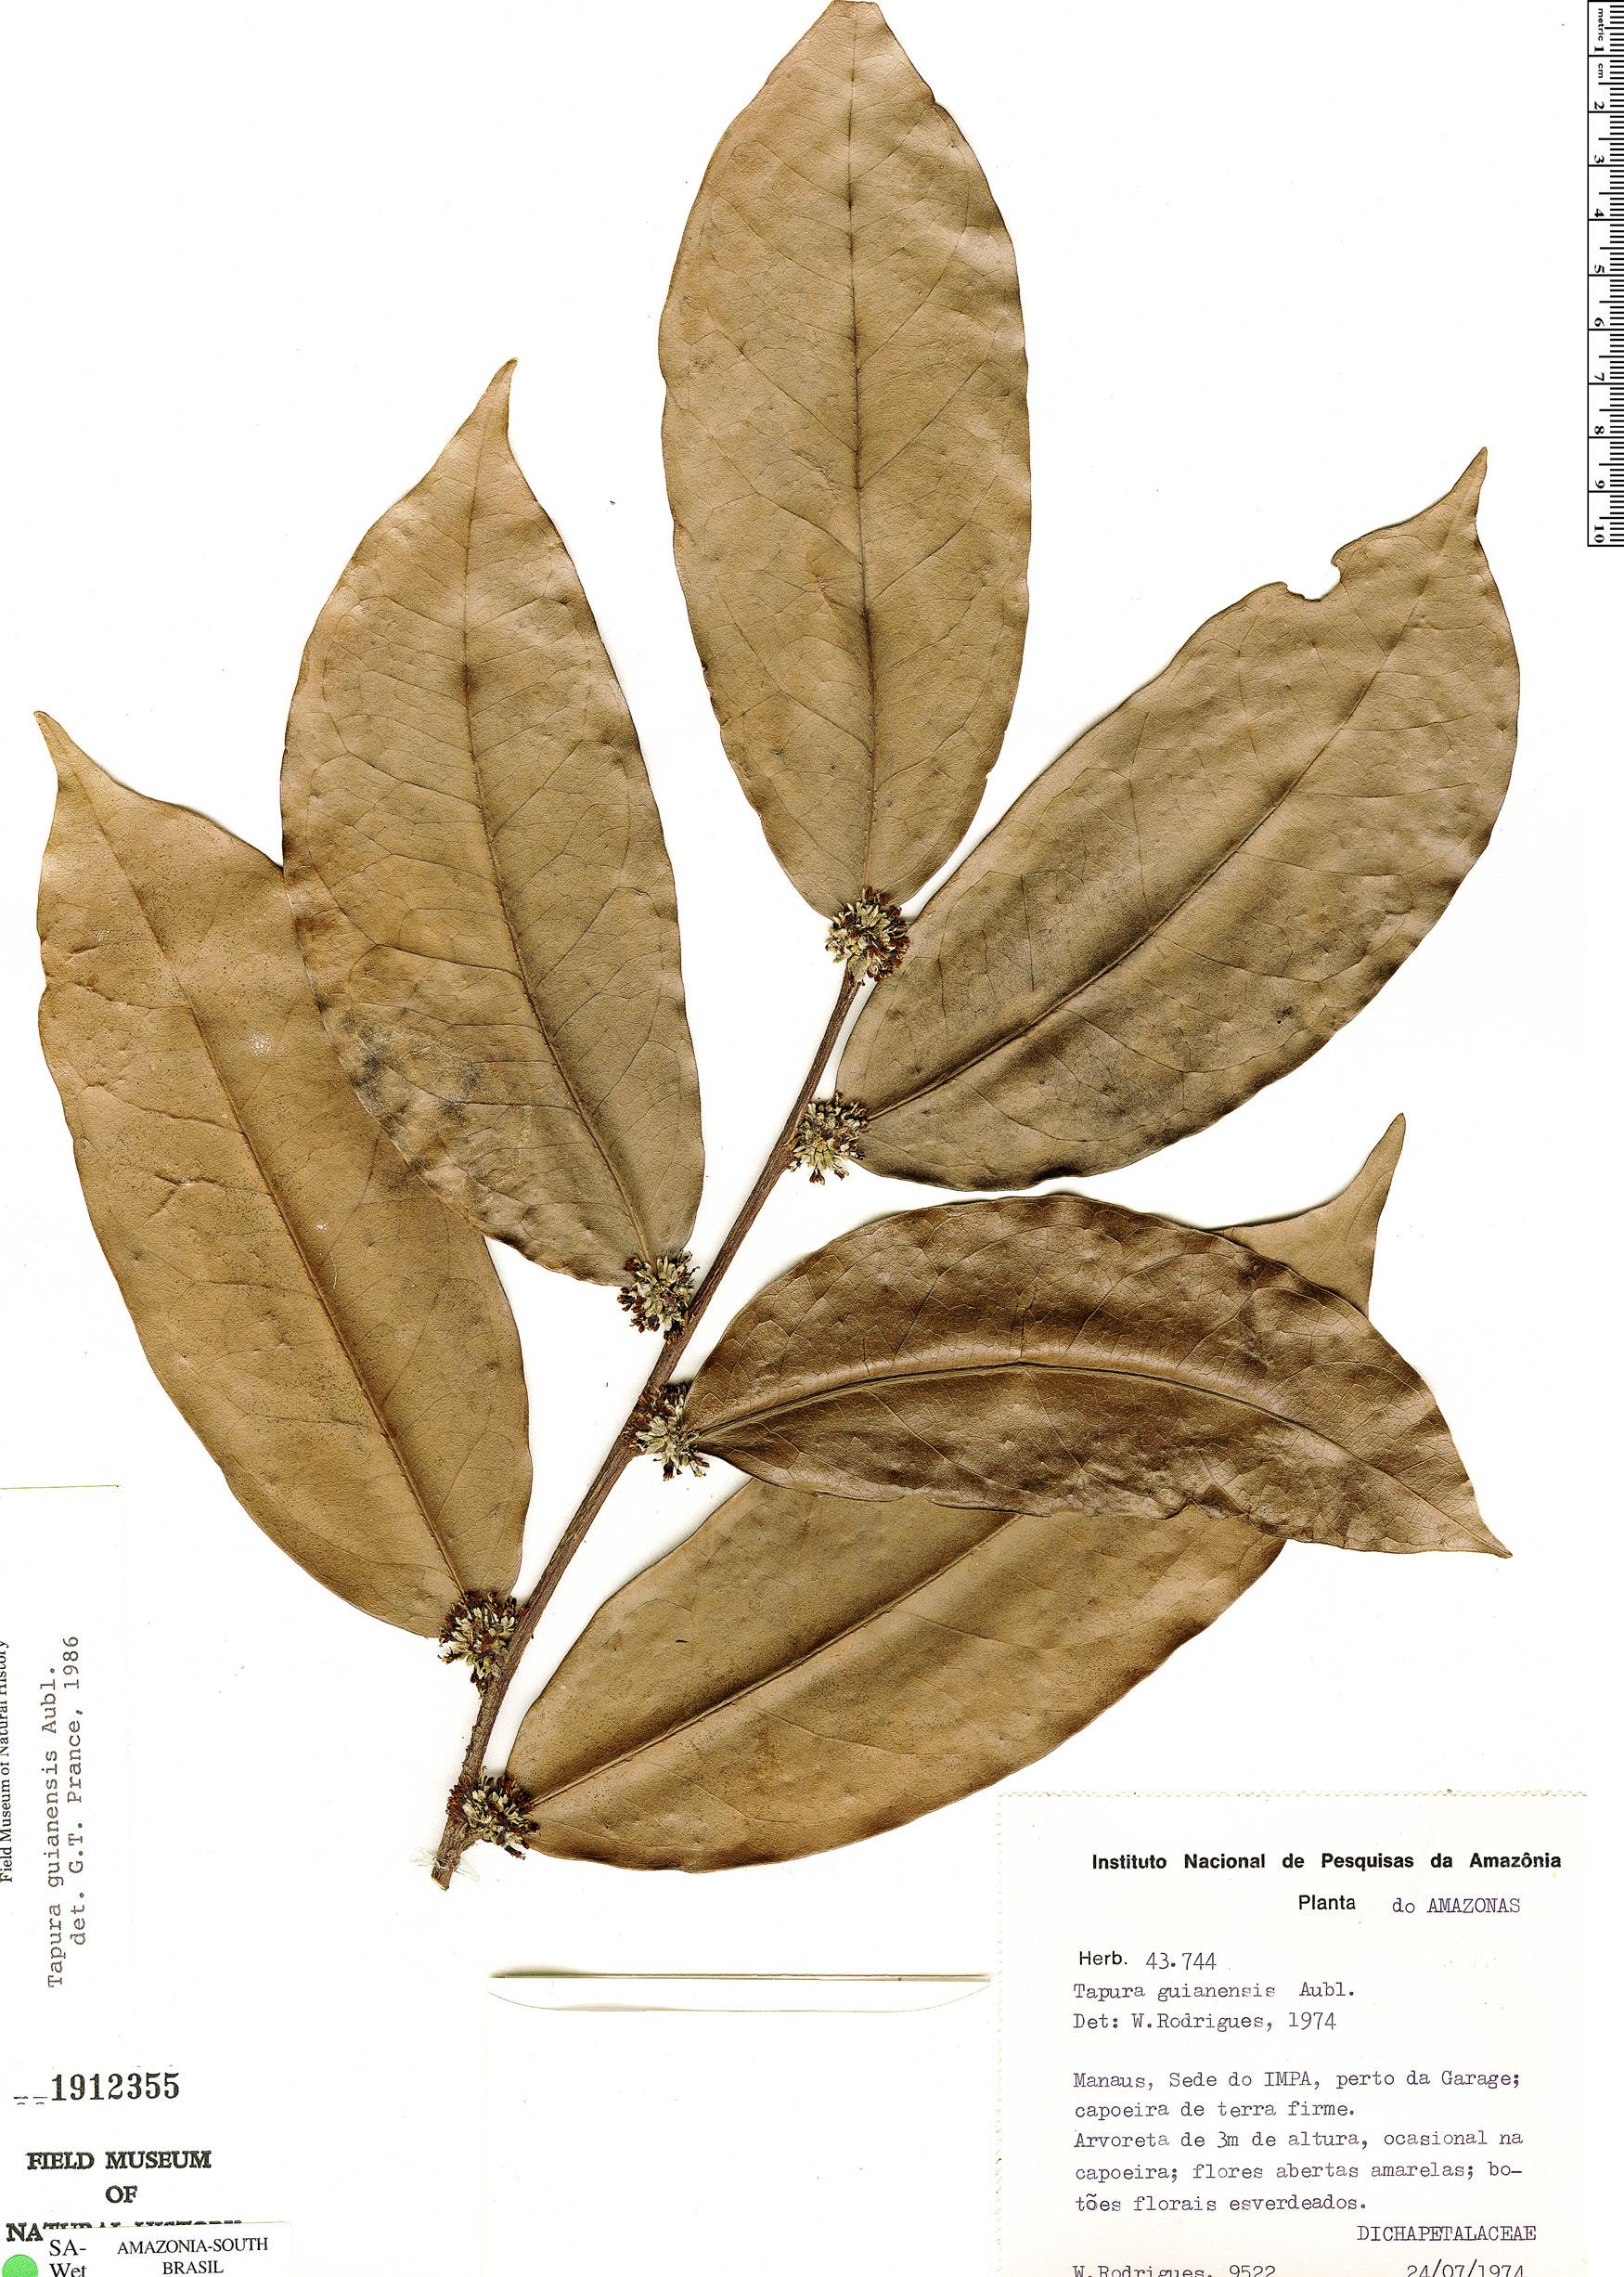 Specimen: Tapura guianensis